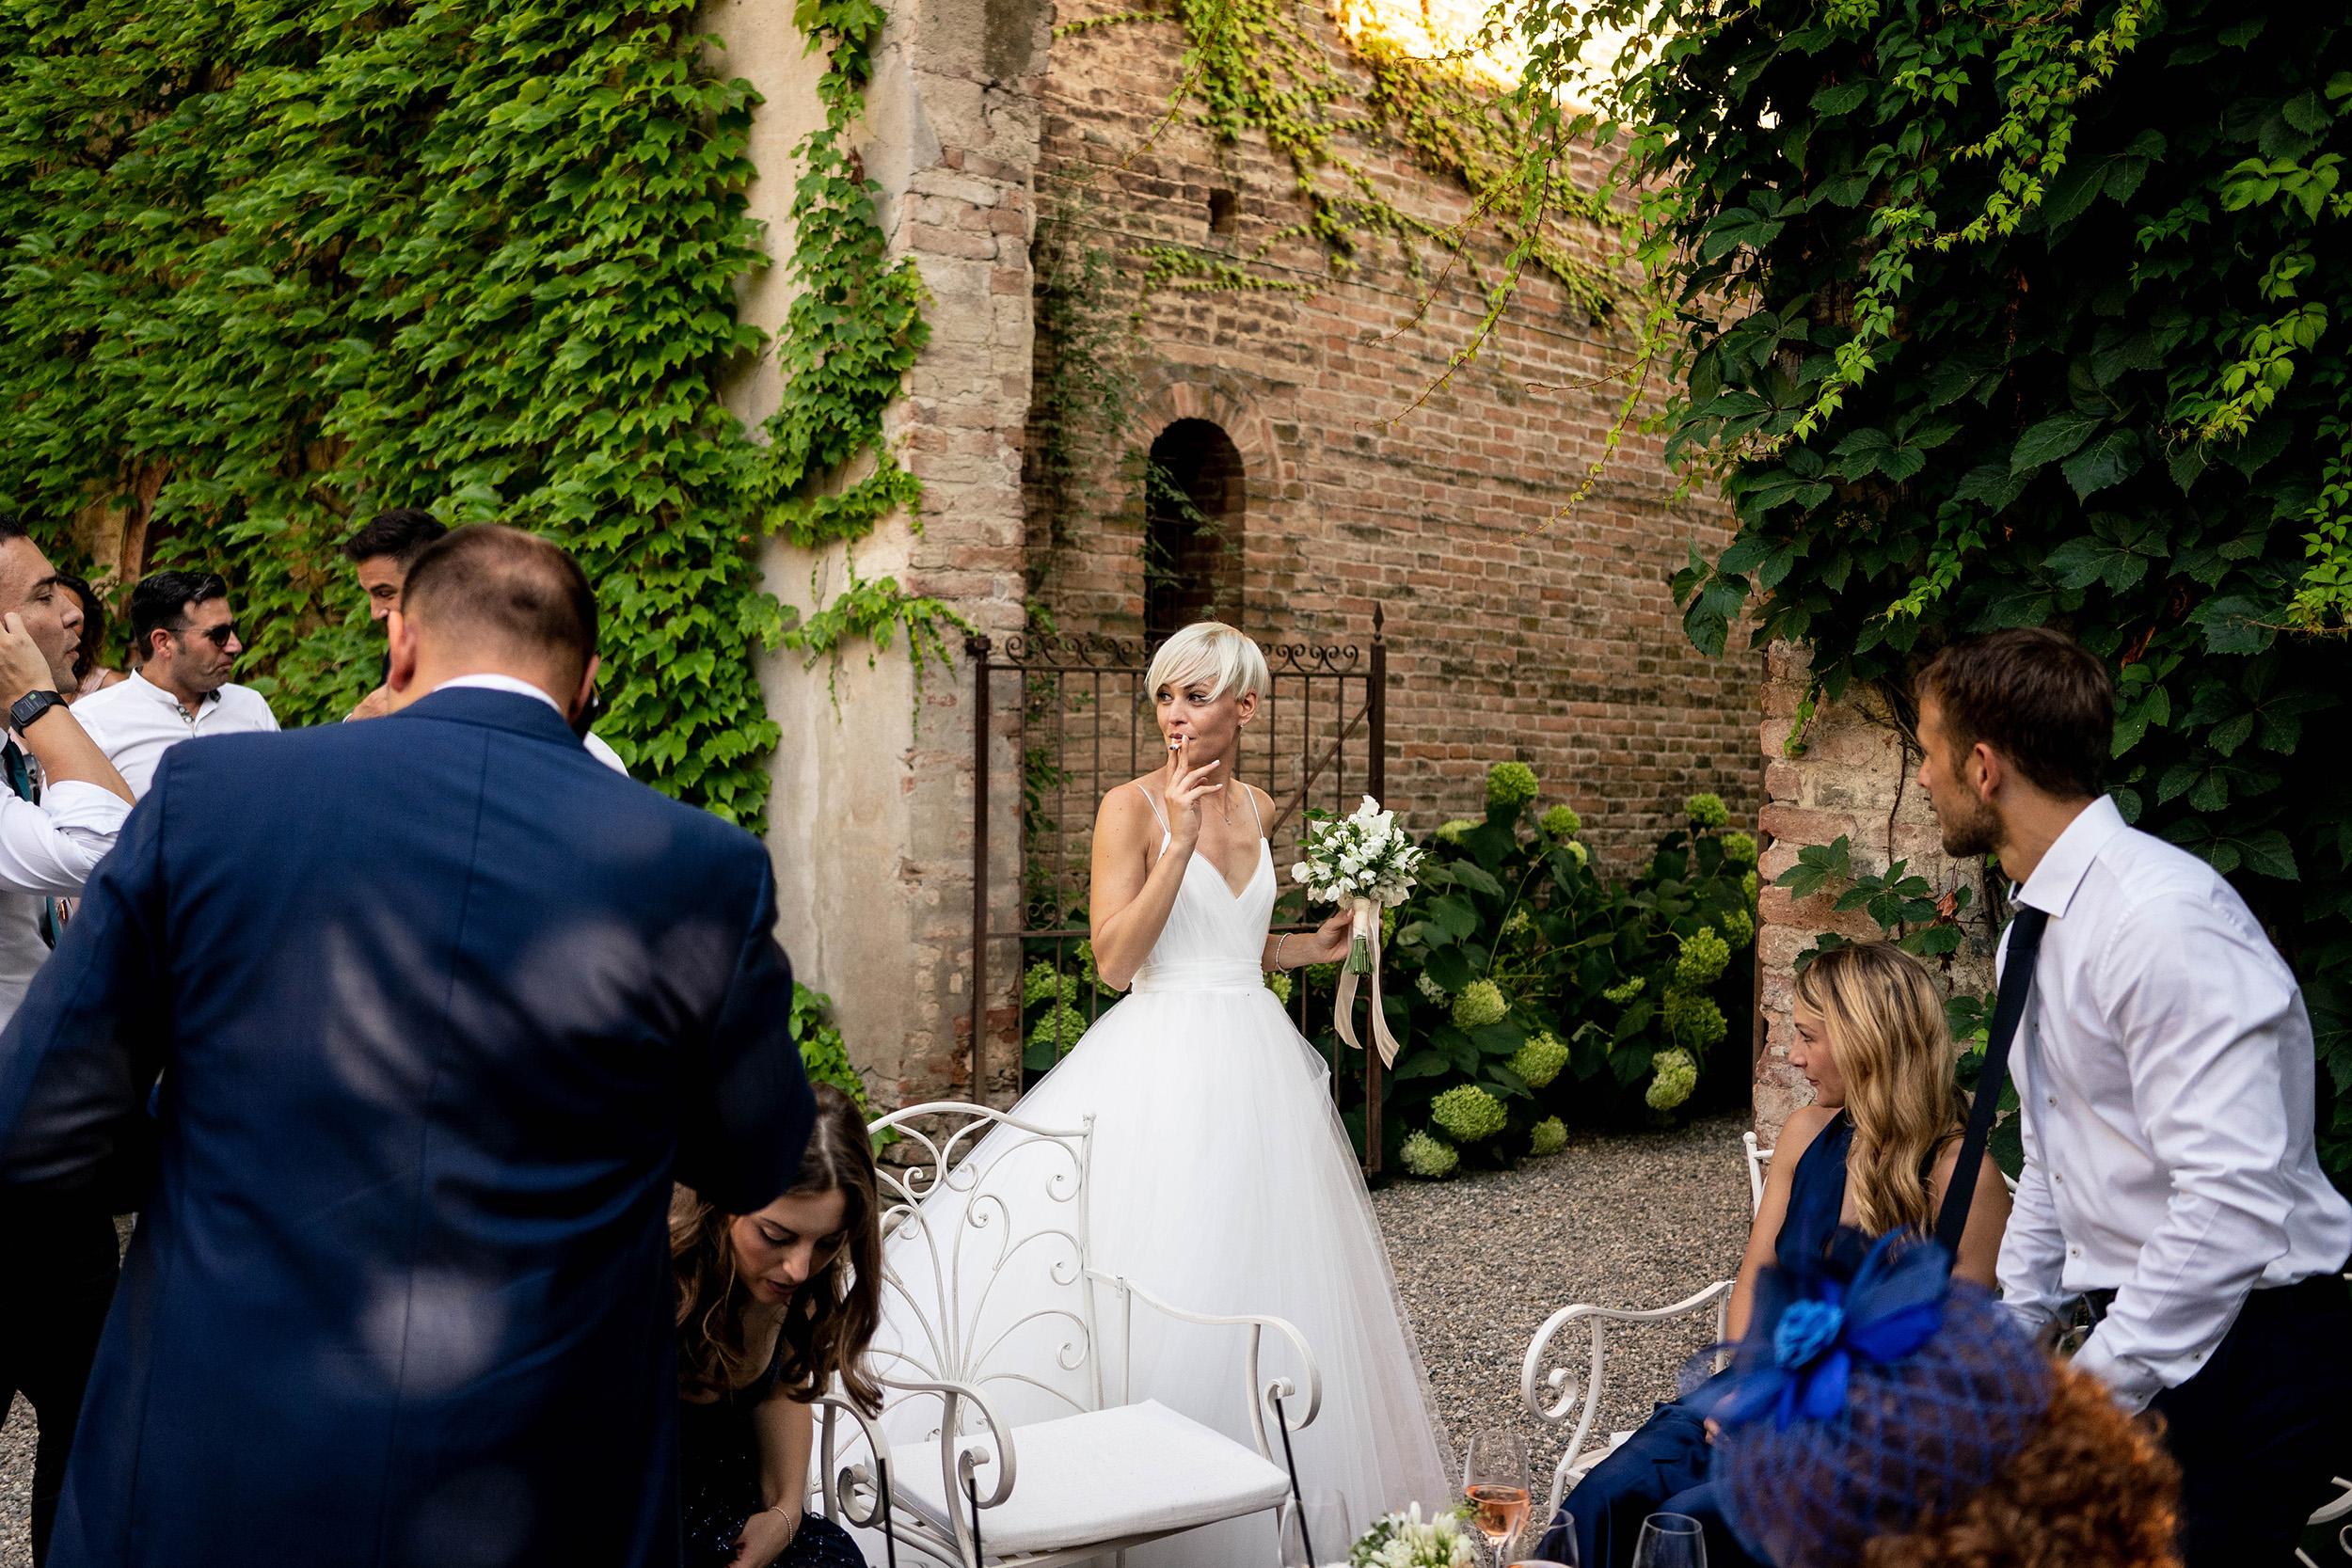 051gilbertiricca_castellodipaderna_fotografomatrimonio2019_vl